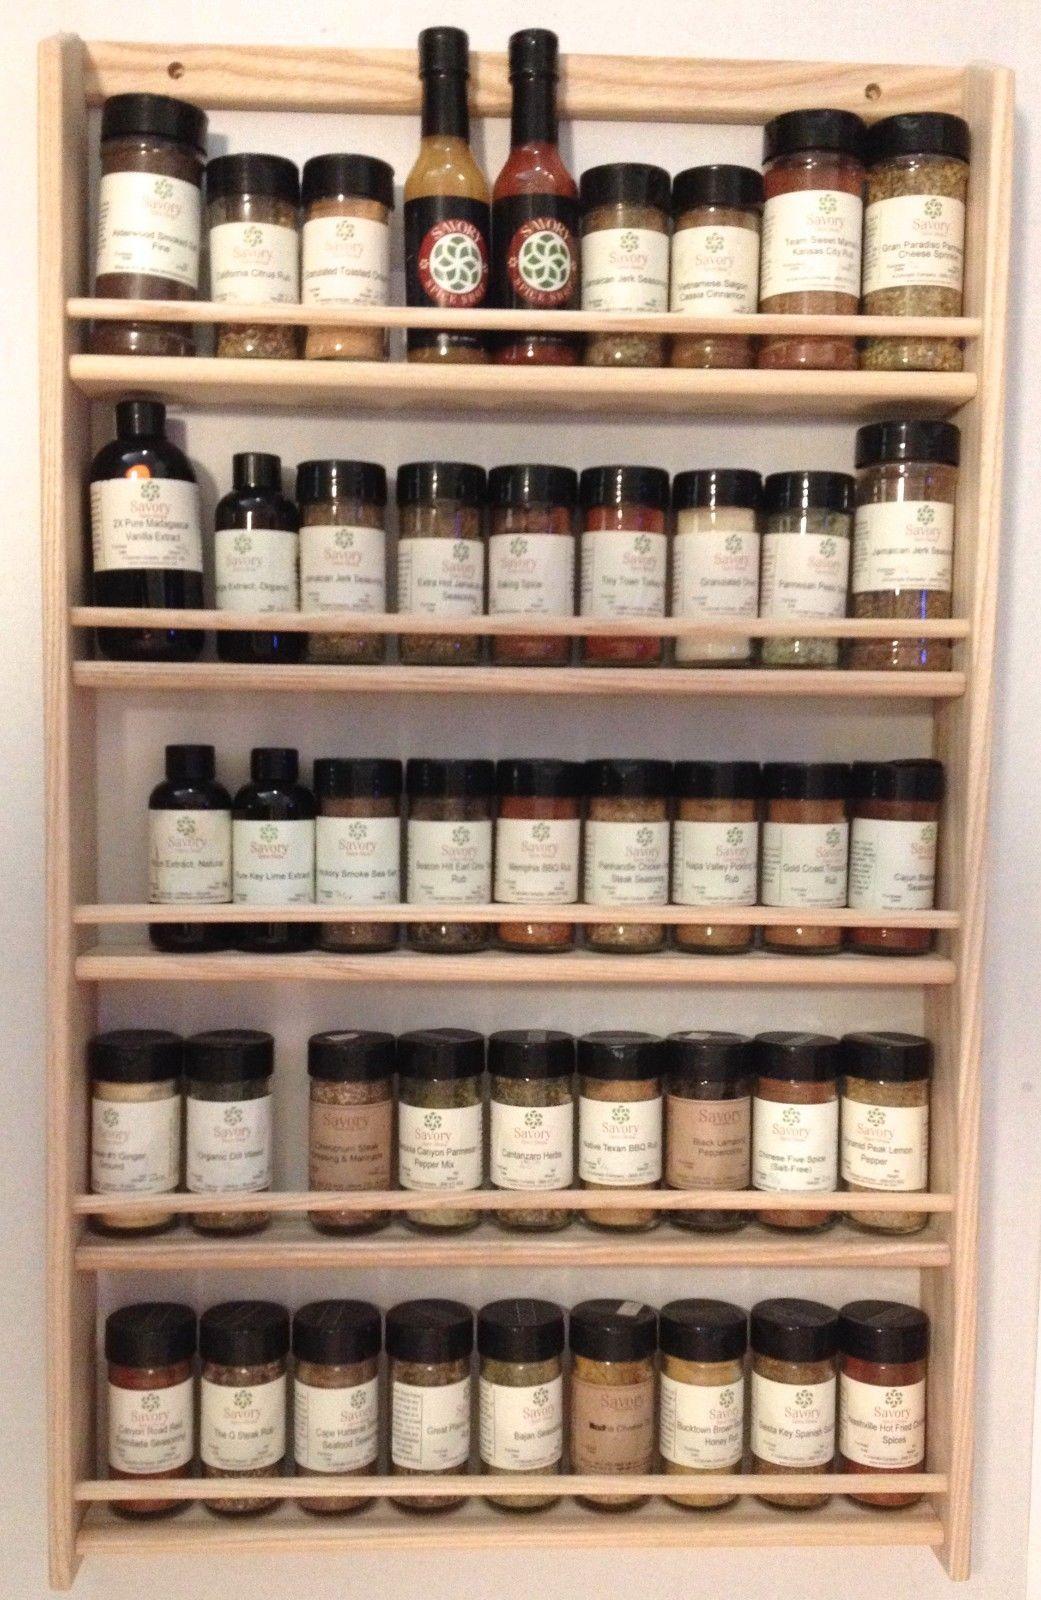 Solid Oak 5 Shelf Wood Spice Rack 32 75 H X 20 W Wall Mount Wood